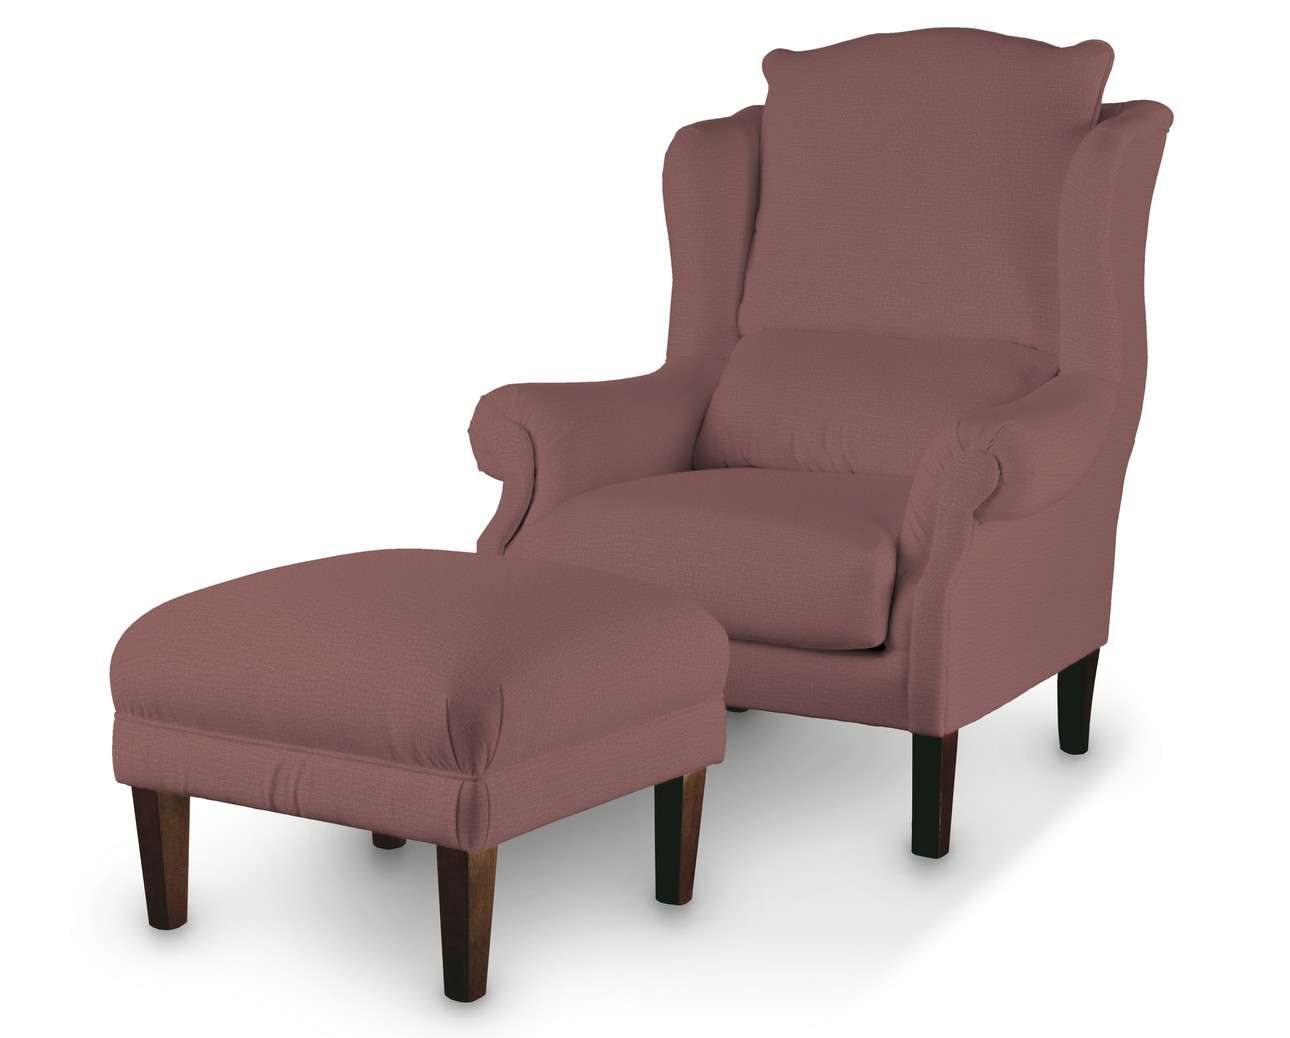 Podnóżek do fotela w kolekcji Ingrid, tkanina: 705-38